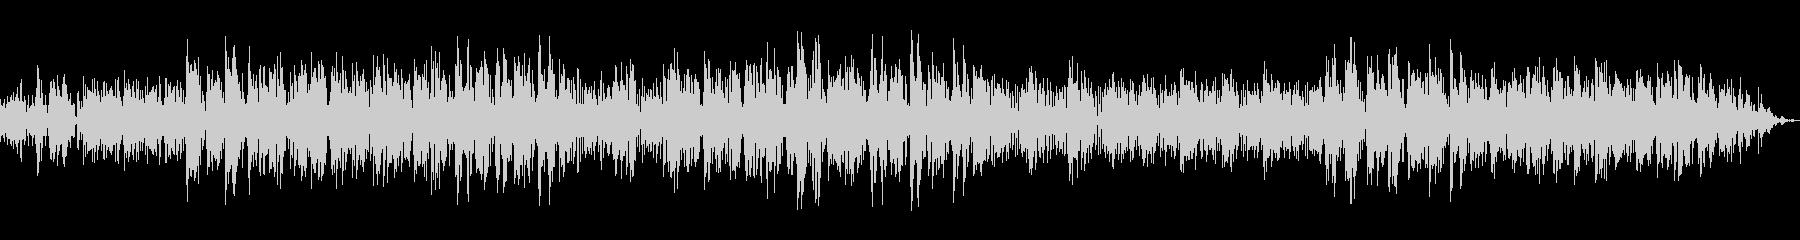 ラテン語リズミカルなホーンアップビ...の未再生の波形